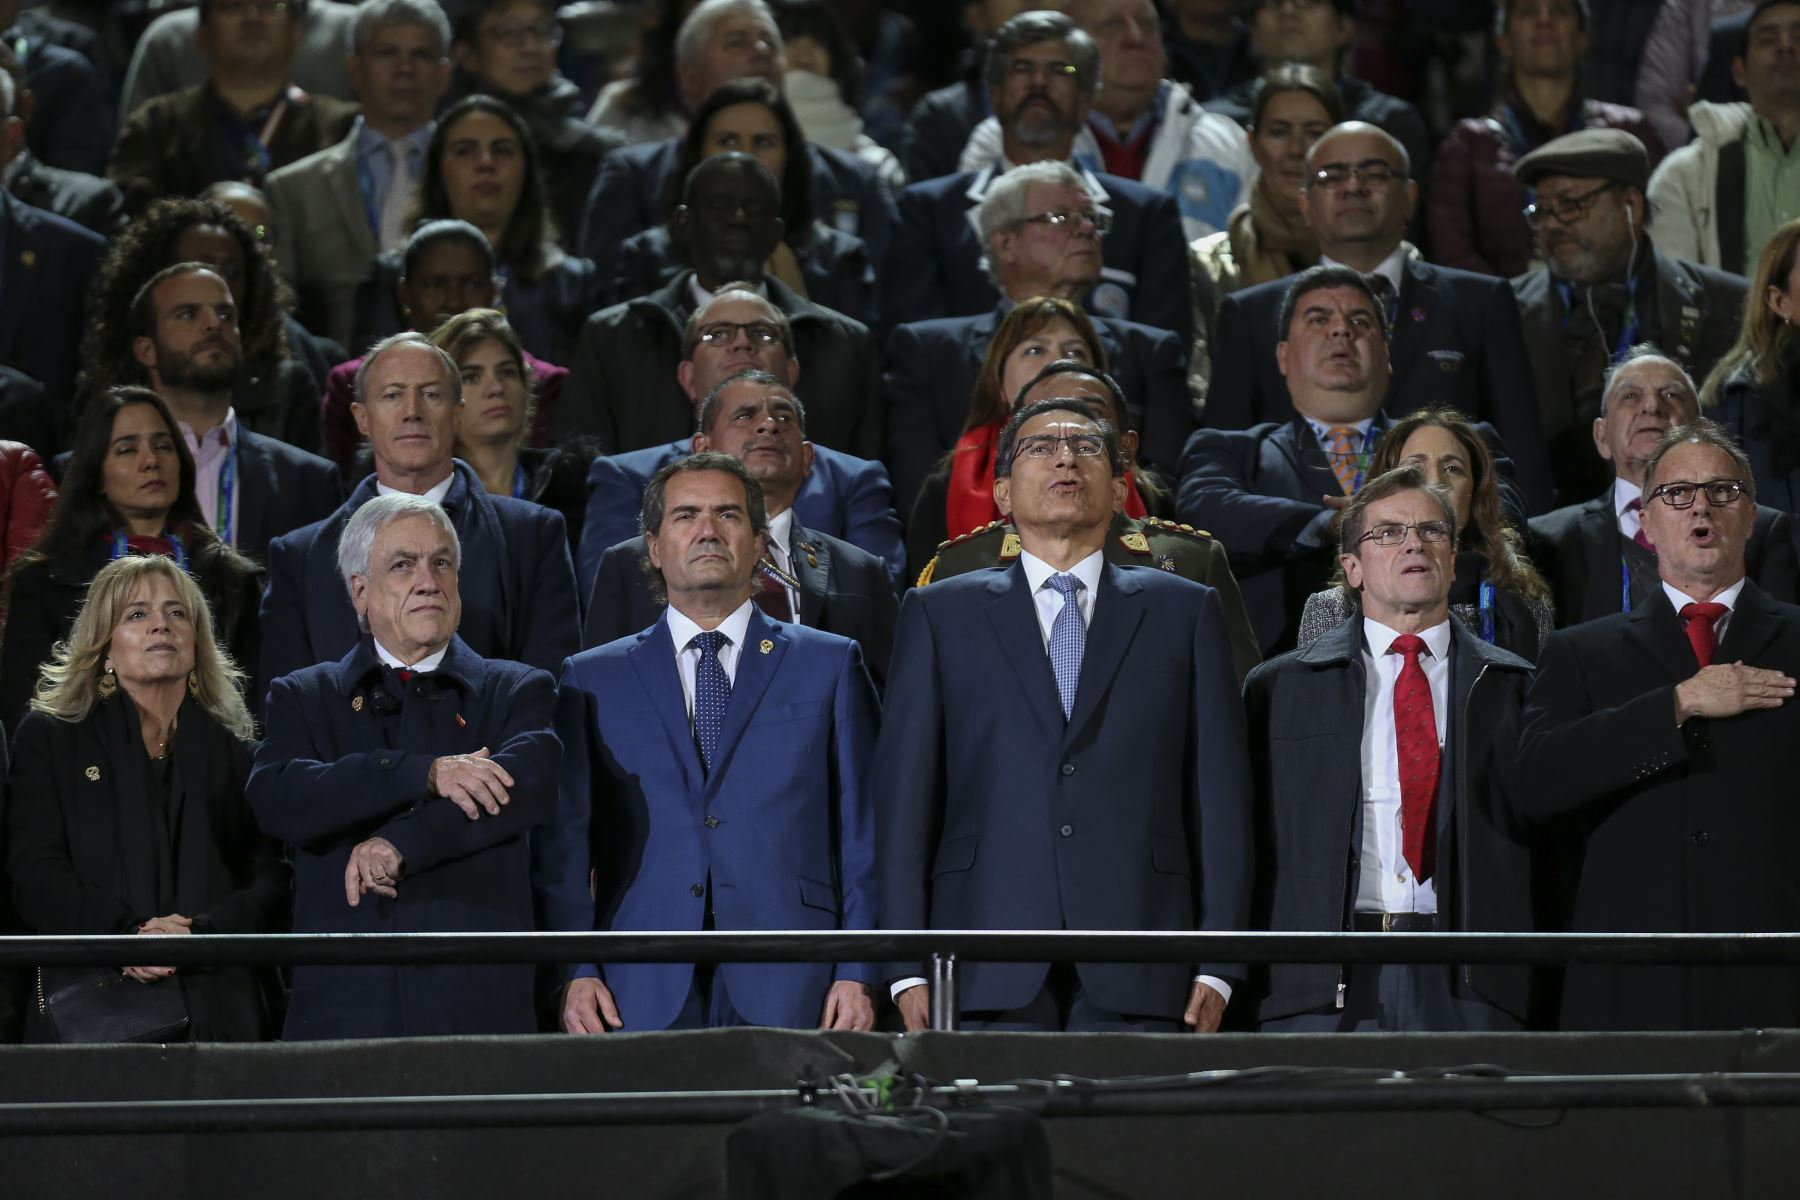 El presidente de Chile, Sebastian Pinera (2-L), el presidente de Panam Sports, el chileno Neven Ilic (3-L) y el presidente peruano Martin Vizcarra (3-R) asisten a la ceremonia de clausura de los Juegos Panamericanos de Lima 2019 en Lima el 11 de agosto 2019.AFP